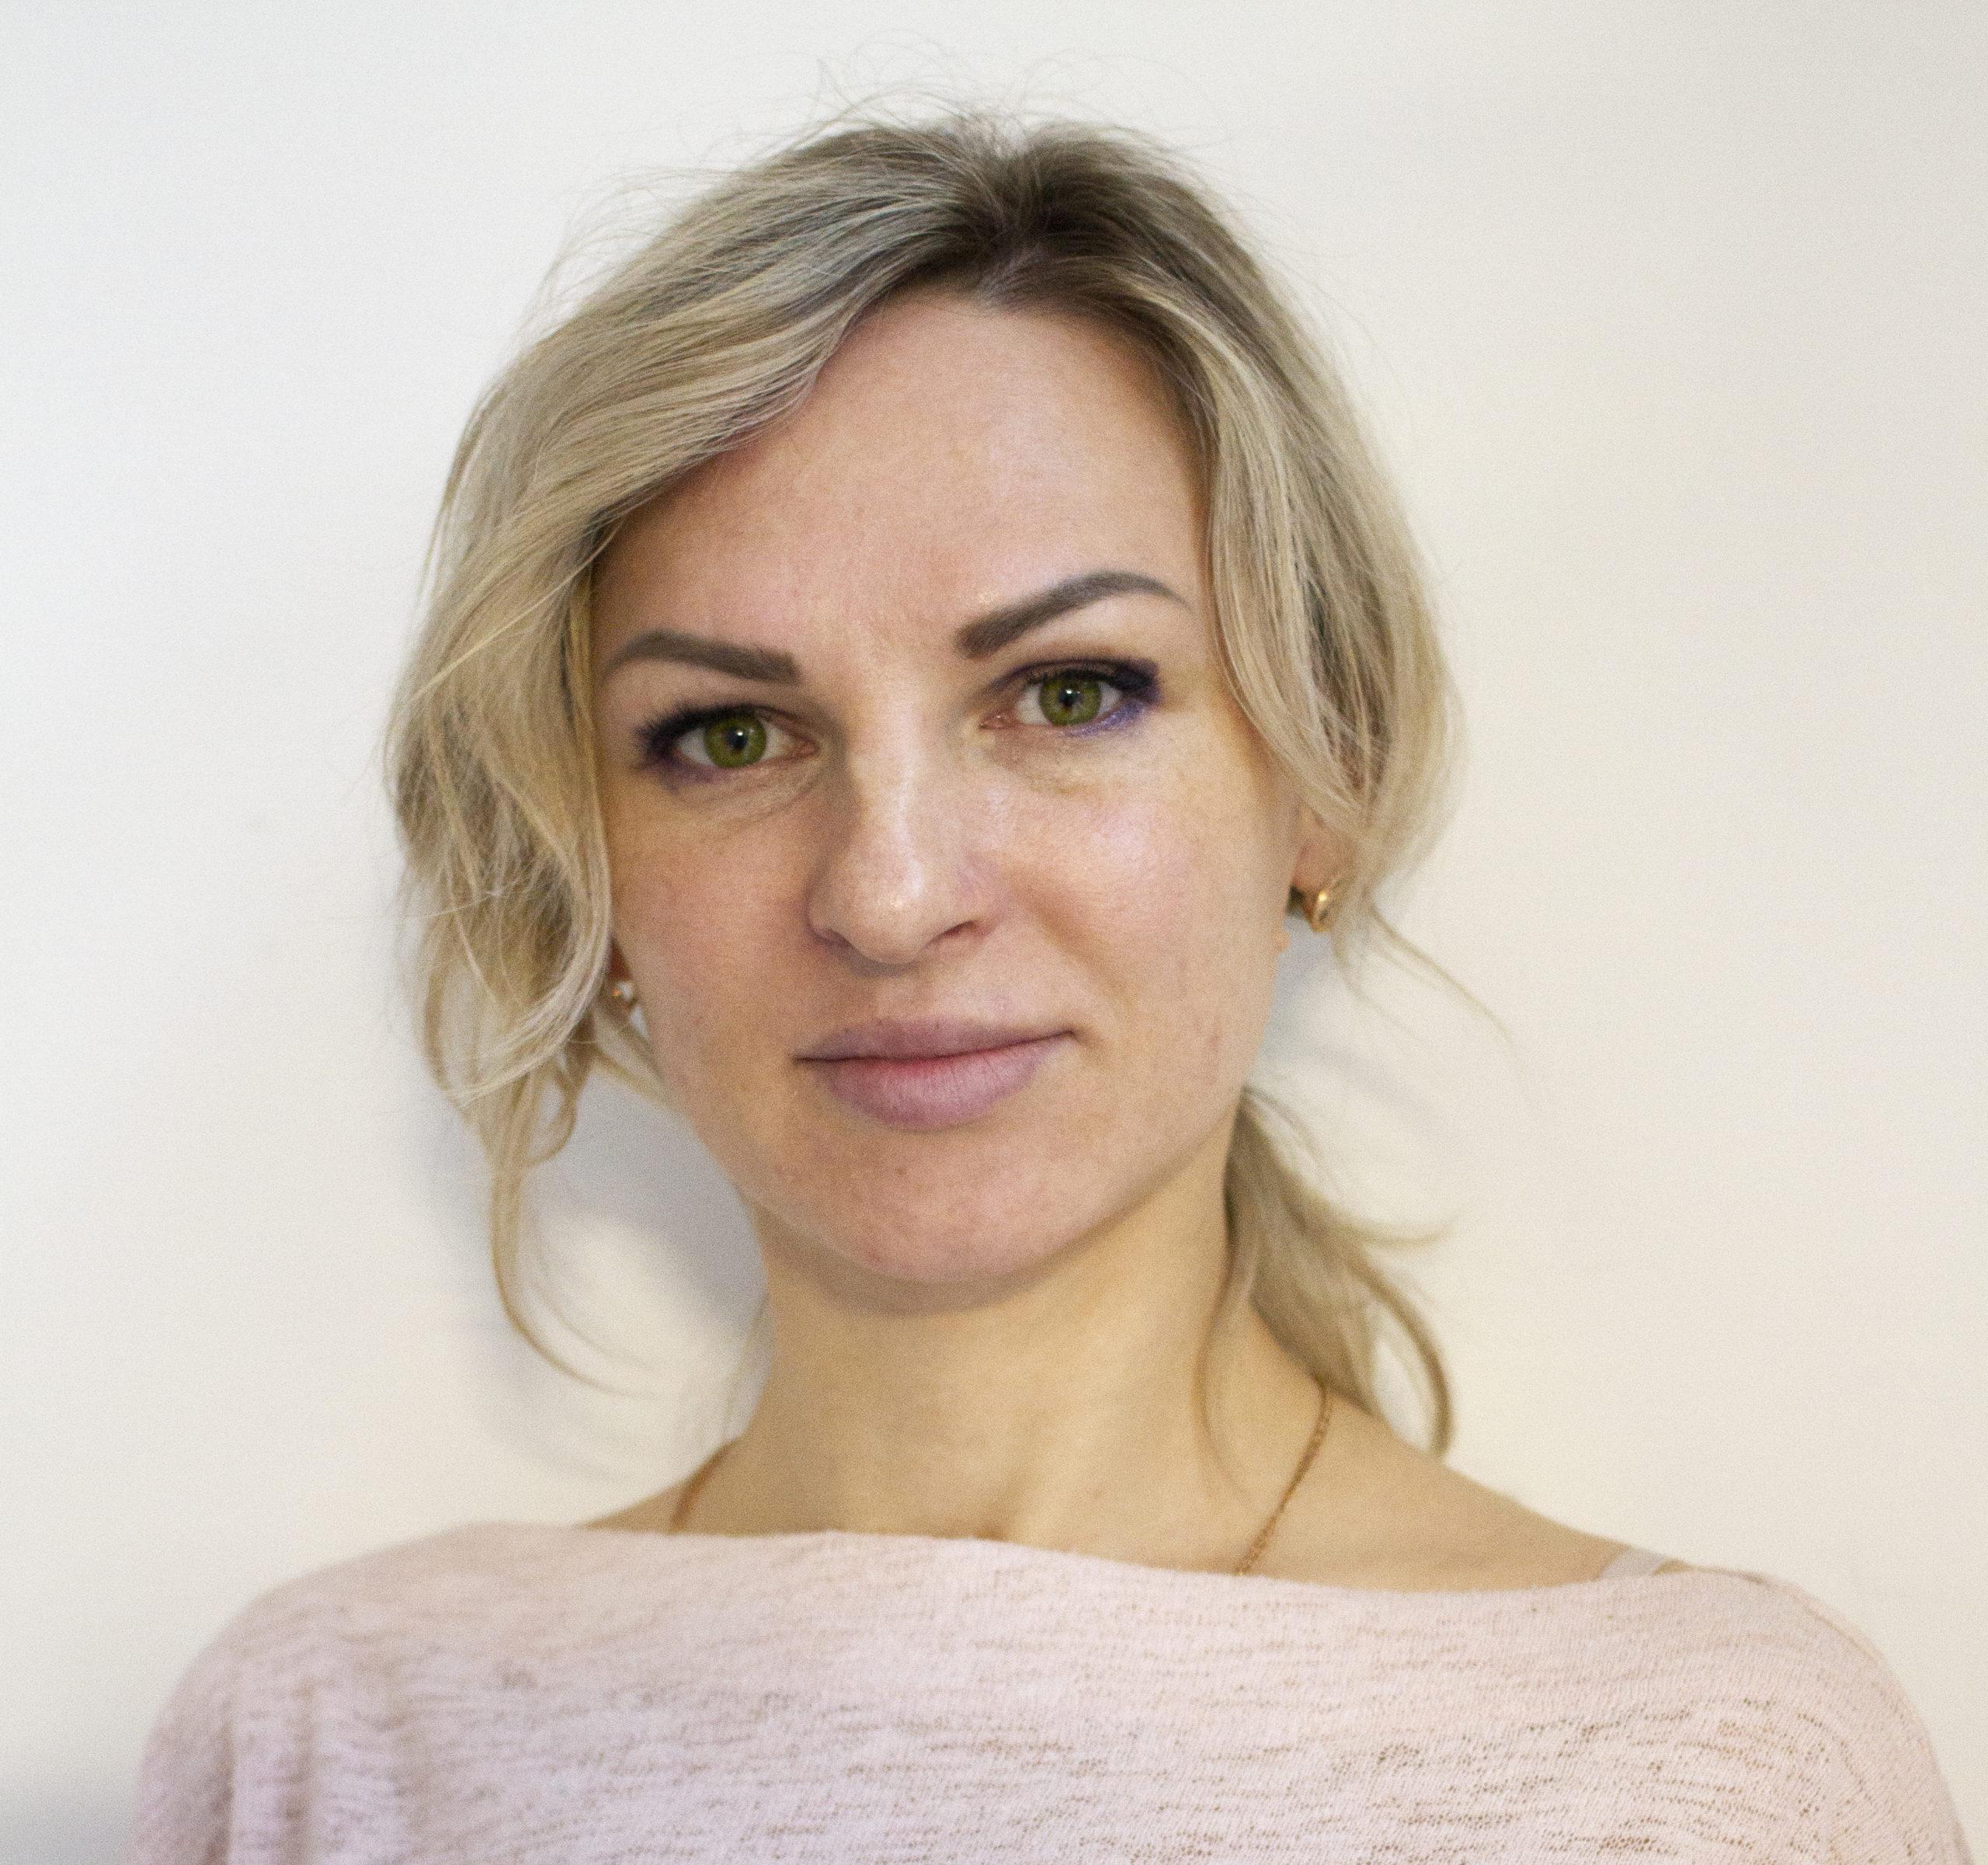 Анисова Оксана Леонидовна